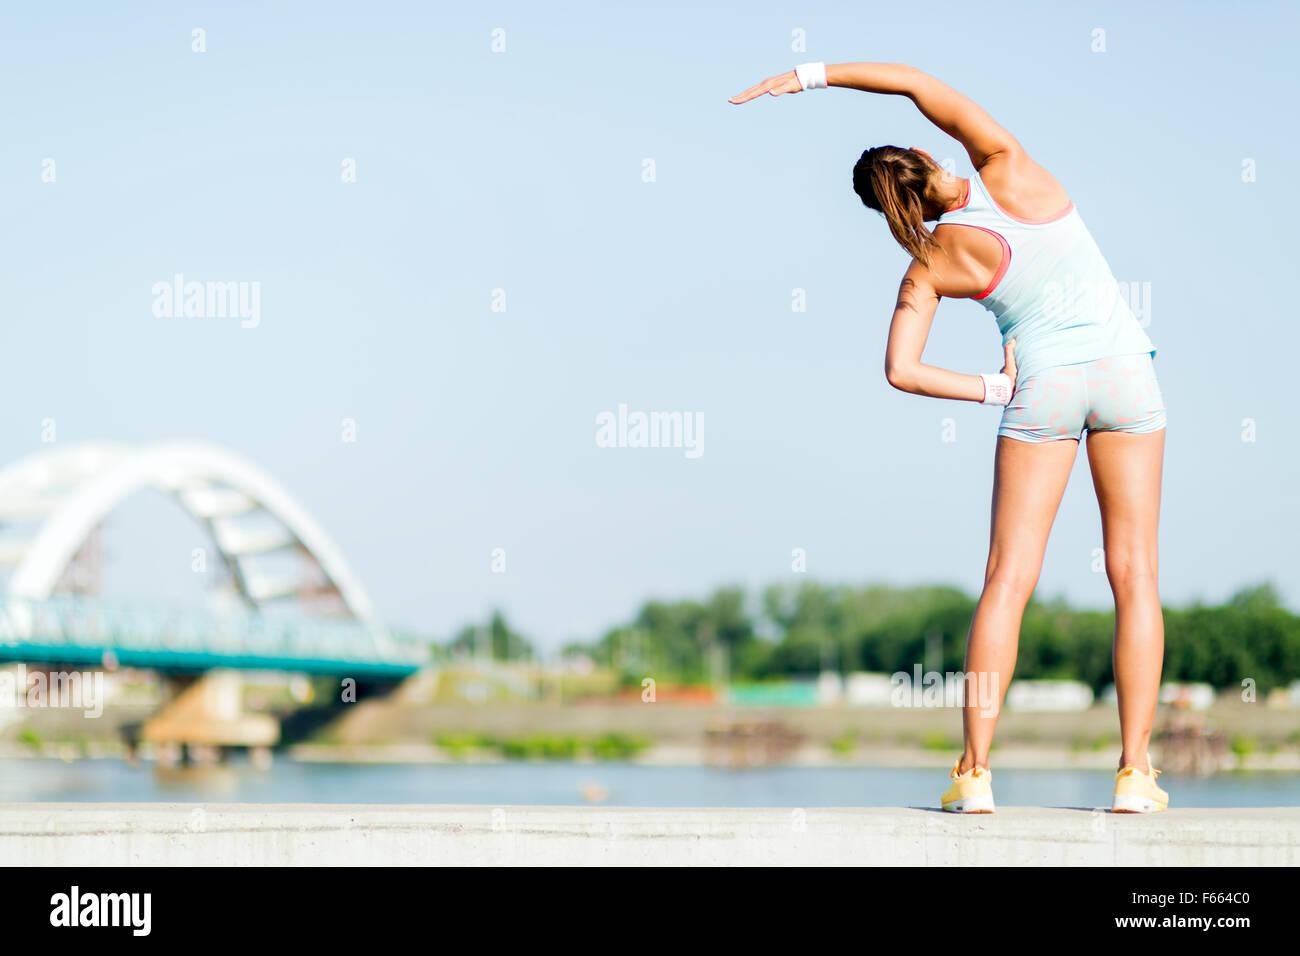 Giovane donna stretching e rilassante nella città prima di esercizio Immagini Stock